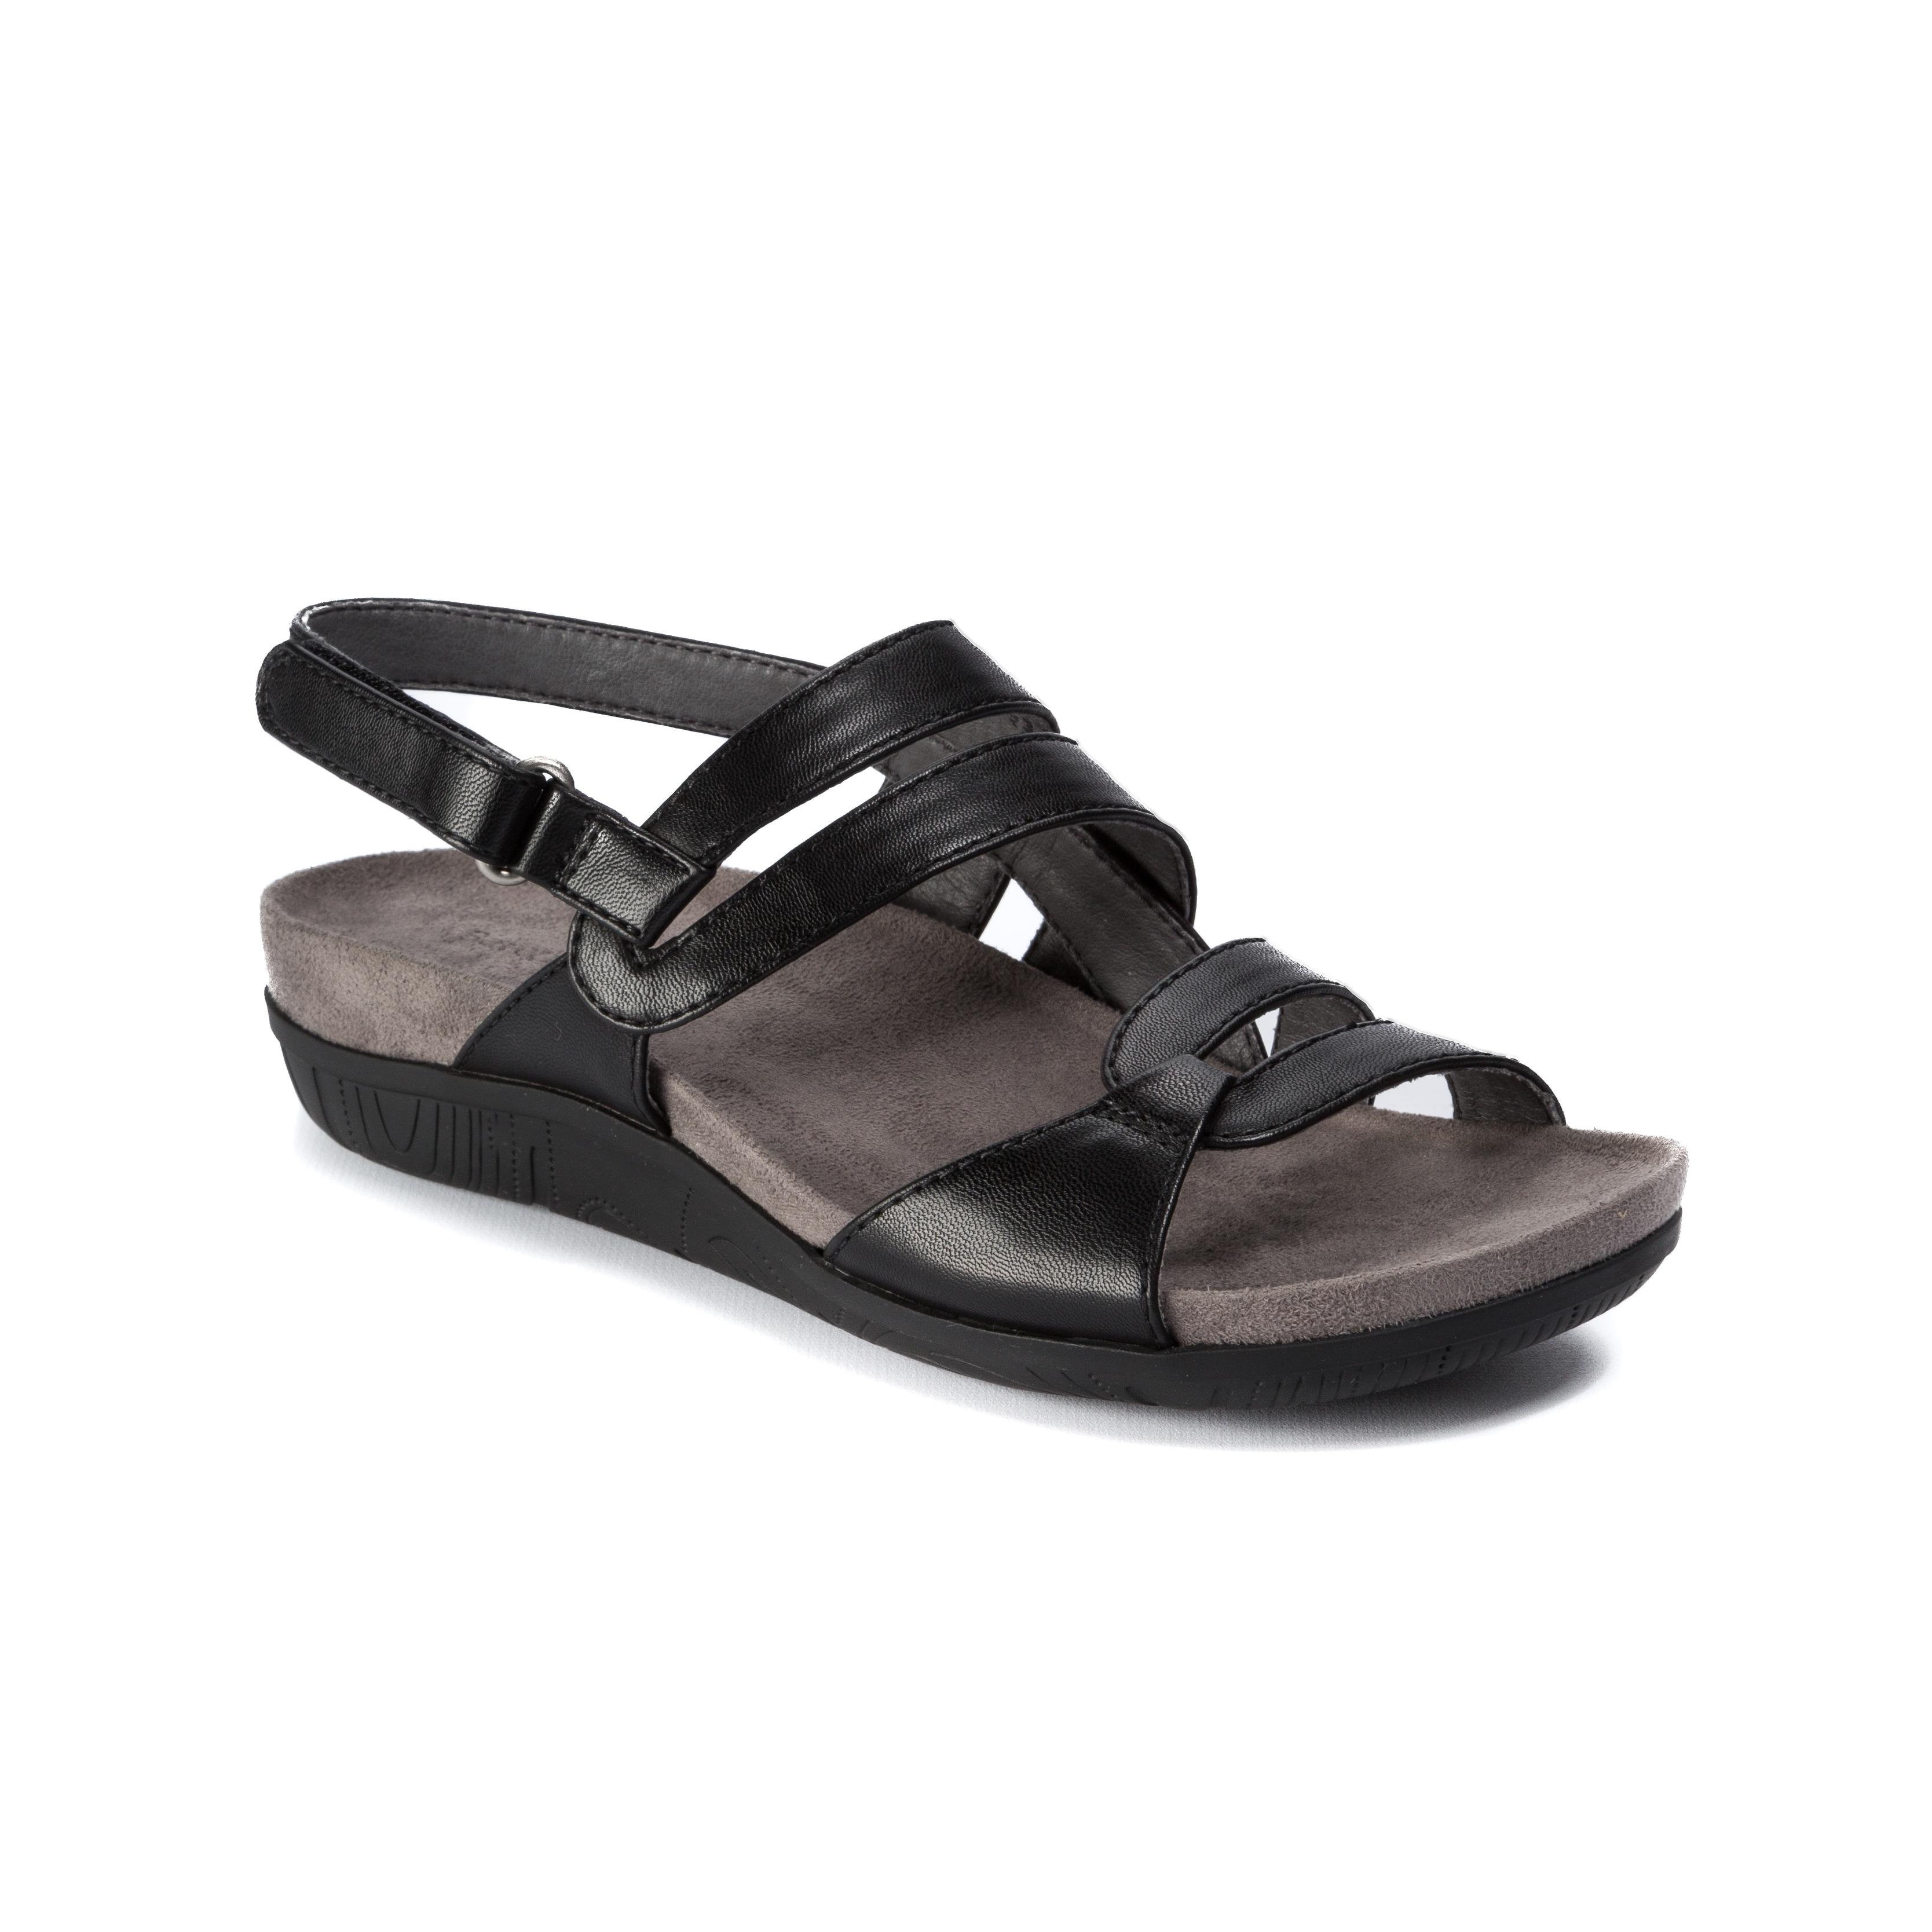 0aea79bc591 Baretraps Women s Shoes